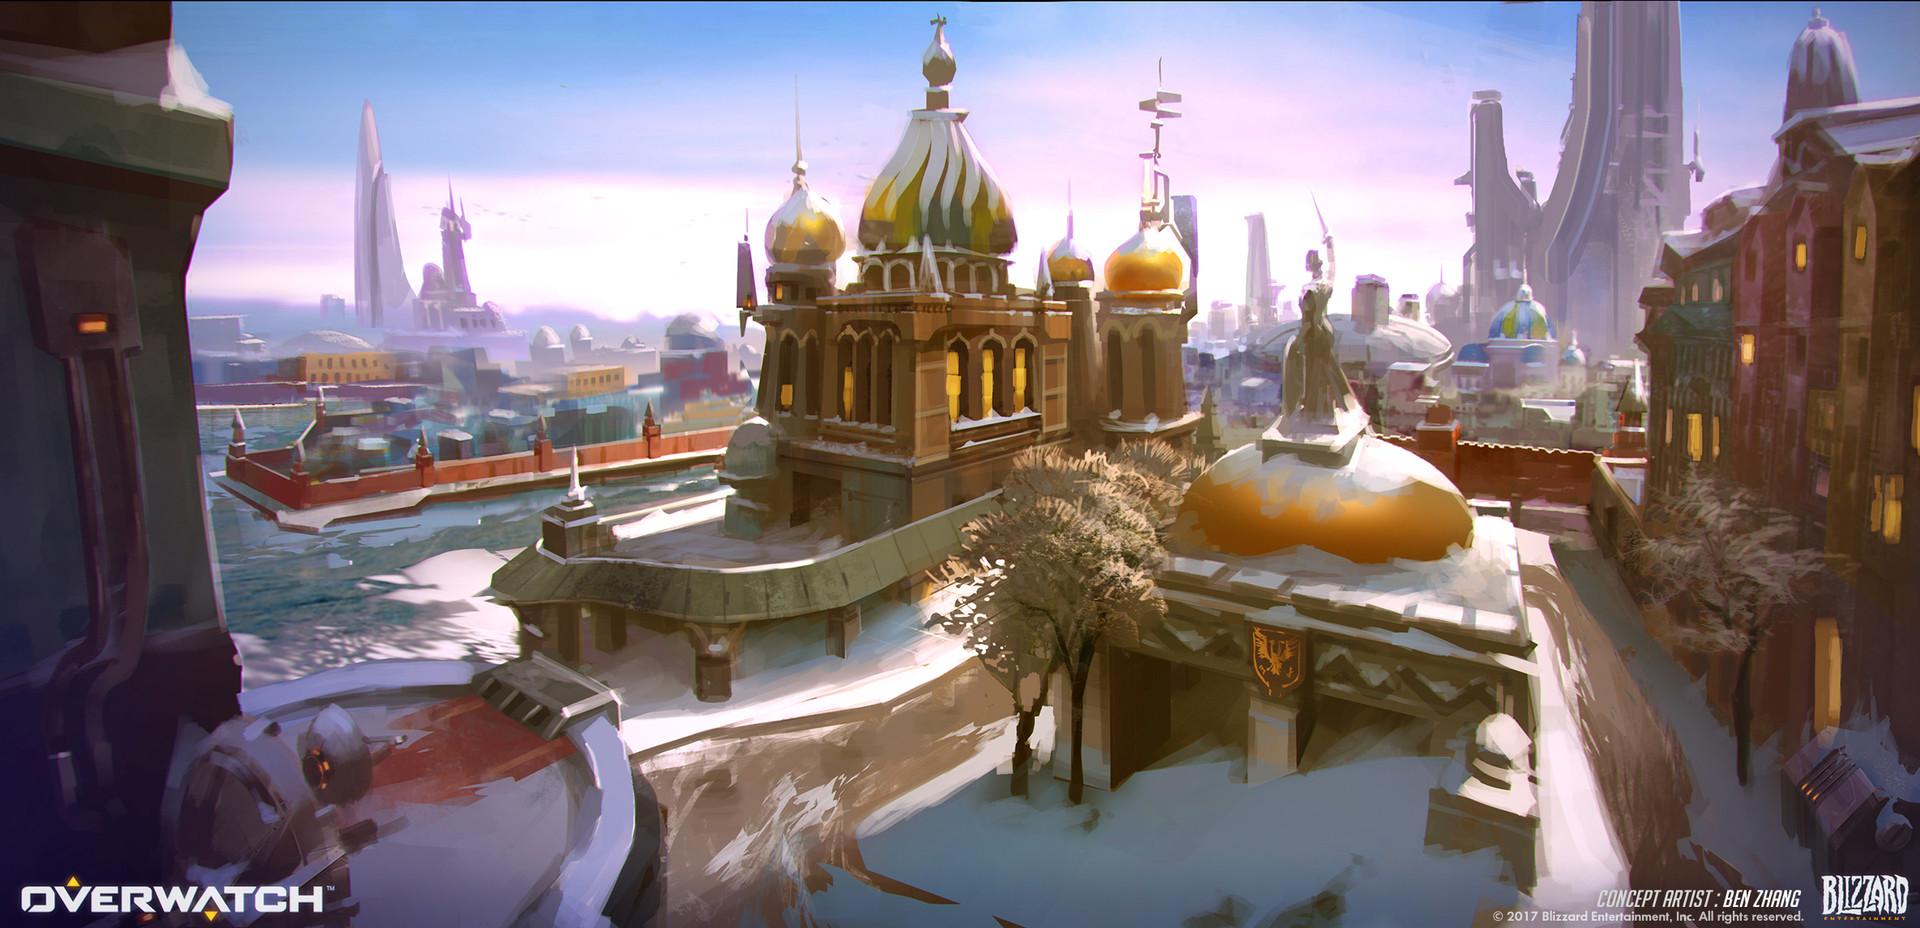 Ben zhang volskaya industry concept 01